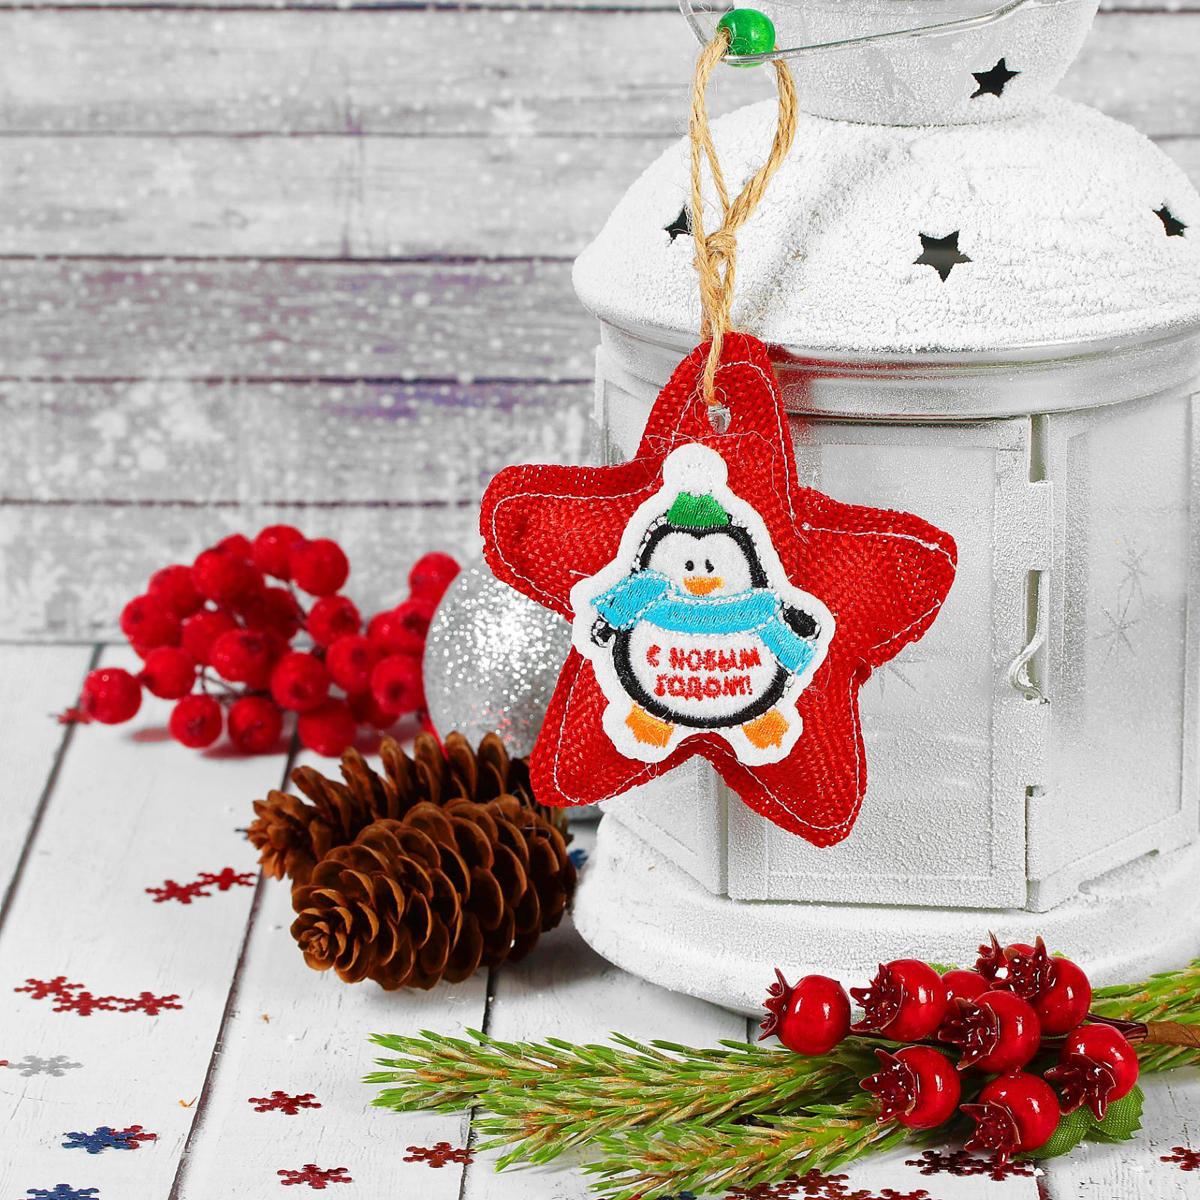 Новогоднее подвесное украшение Страна Карнавалия С Новым годом. Пингвинчик2293117Новогоднее подвесное украшение Страна Карнавалия, выполненное из текстиля, украсит интерьер вашего дома или офиса в преддверии Нового года. Оригинальный дизайн и красочное исполнение создадут праздничное настроение. Новогодние украшения всегда несут в себе волшебство и красоту праздника. Создайте в своем доме атмосферу тепла, веселья и радости, украшая его всей семьей.